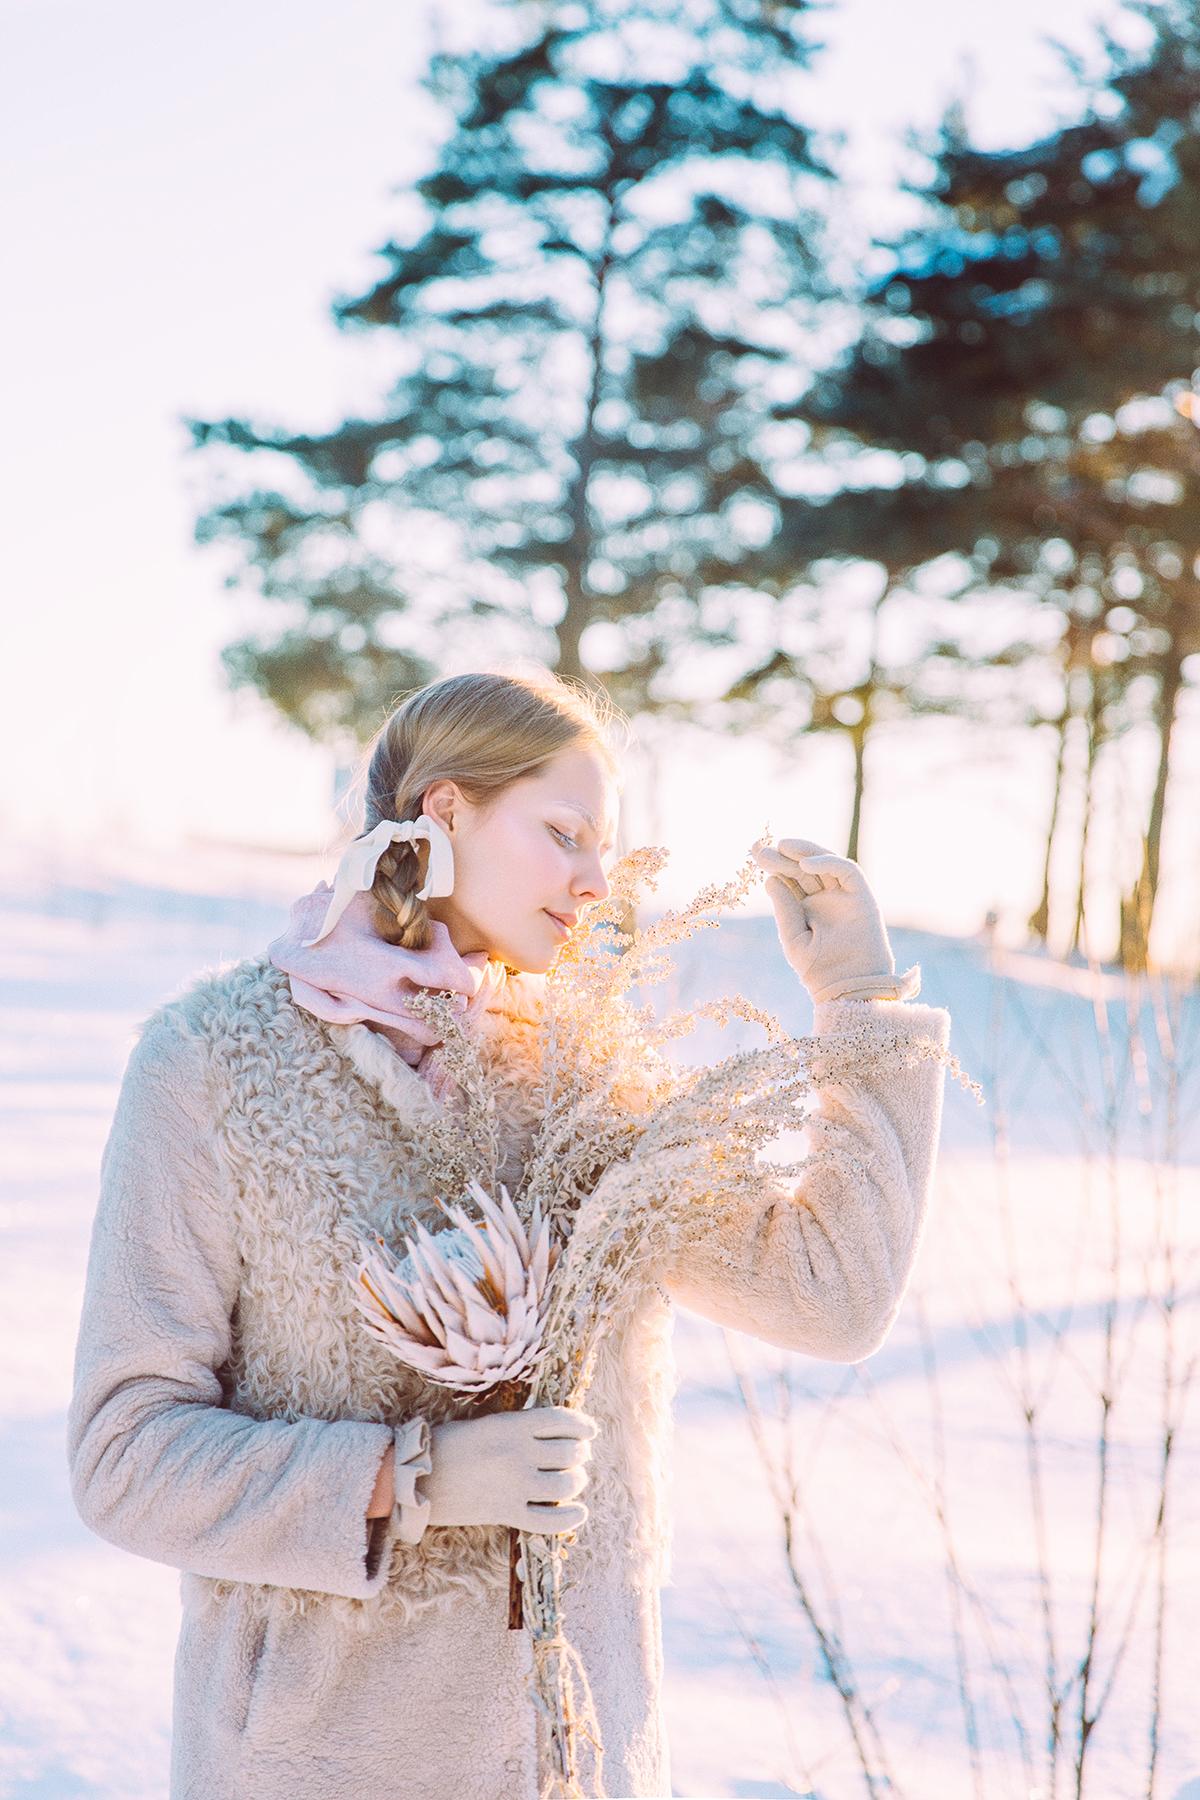 Frosty Nastya / фотограф Kseniya Che